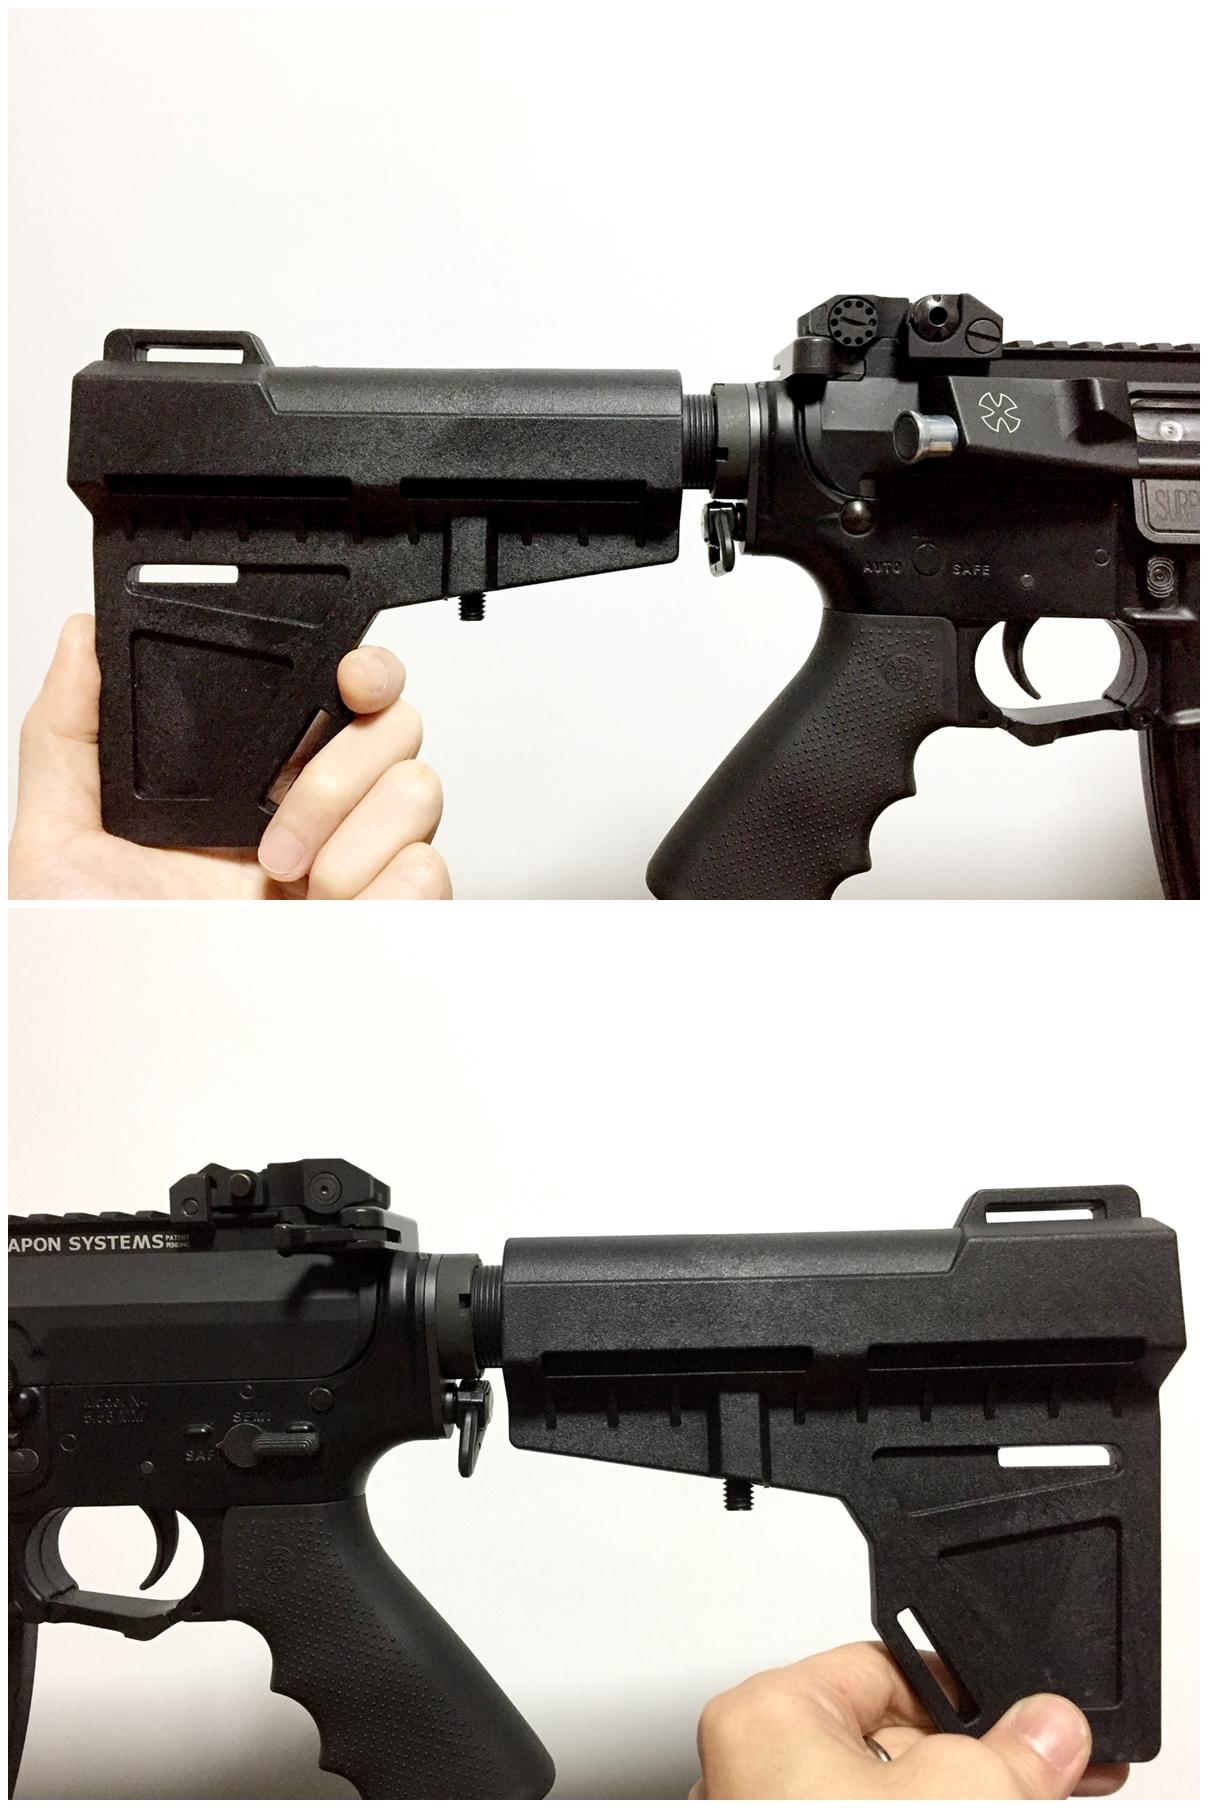 11 実物 KAK Industry LLC Shockwave Blade Pistol Stabilizer ショックウェーブ ブレード ピストル スタビライザー ストック